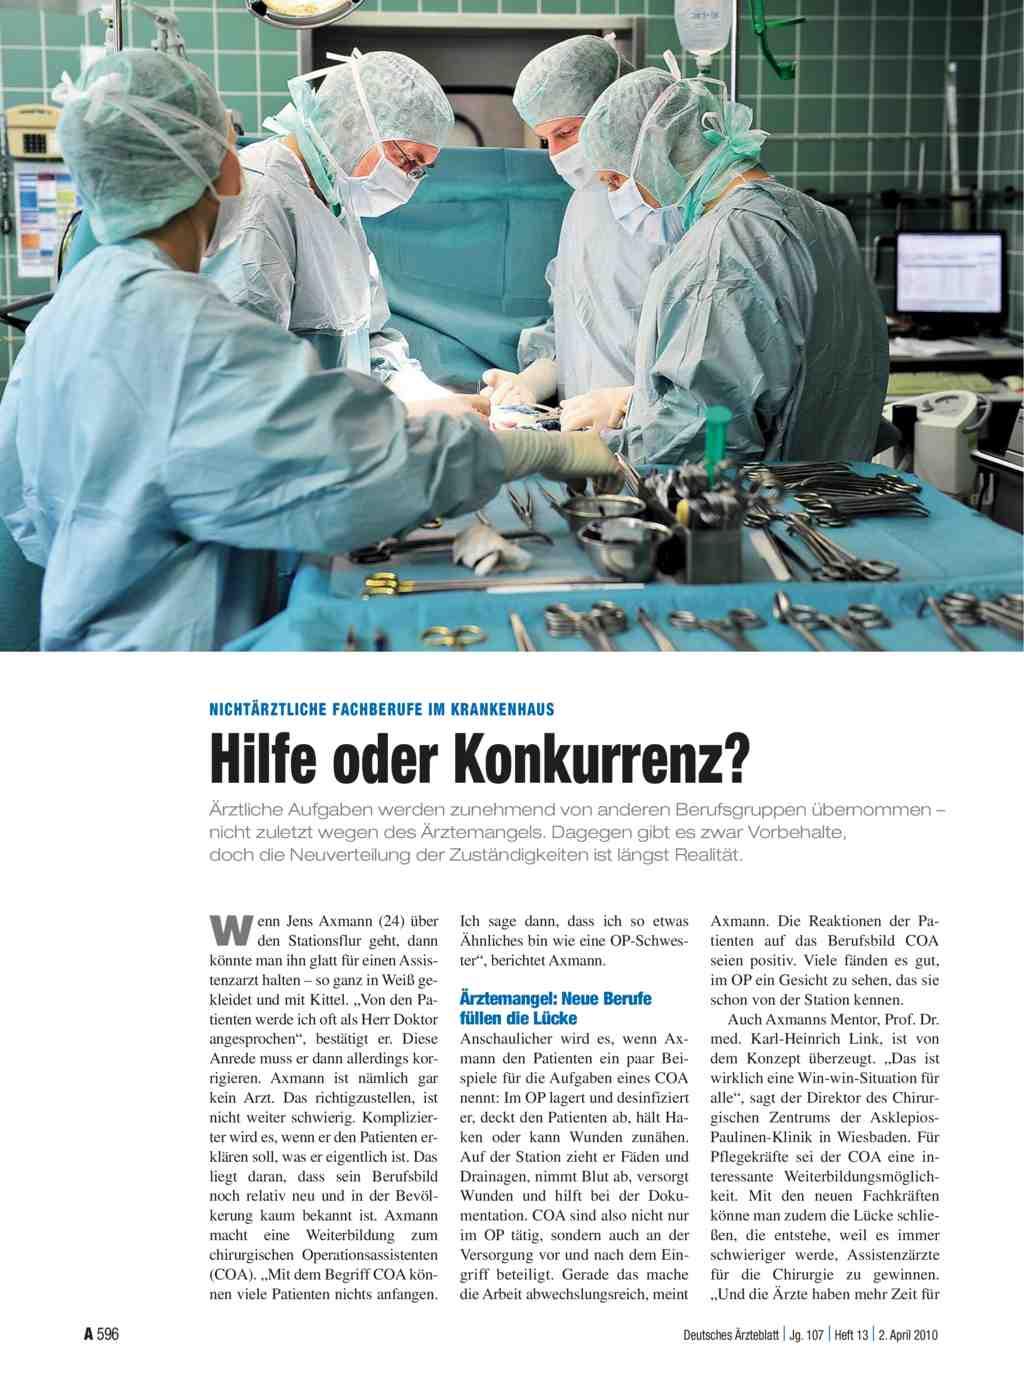 Nichtärztliche Fachberufe im Krankenhaus: Hilfe oder Konkurrenz?